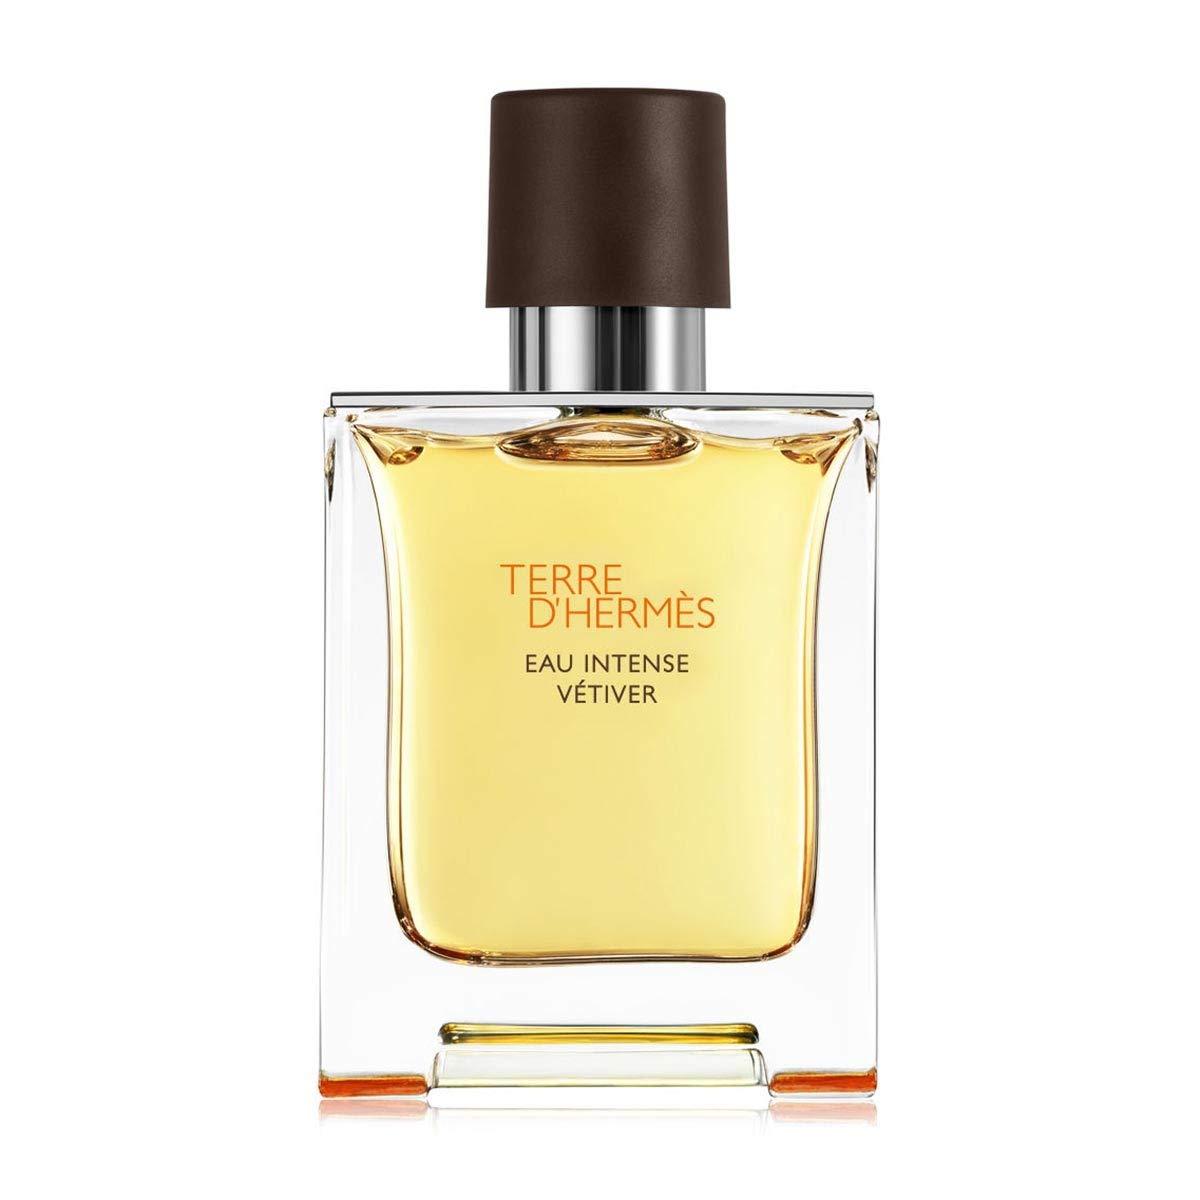 Hermes Terre d'Hermes Eau Intense Vetiver 100ml Eau de Parfum - £59.32 instore